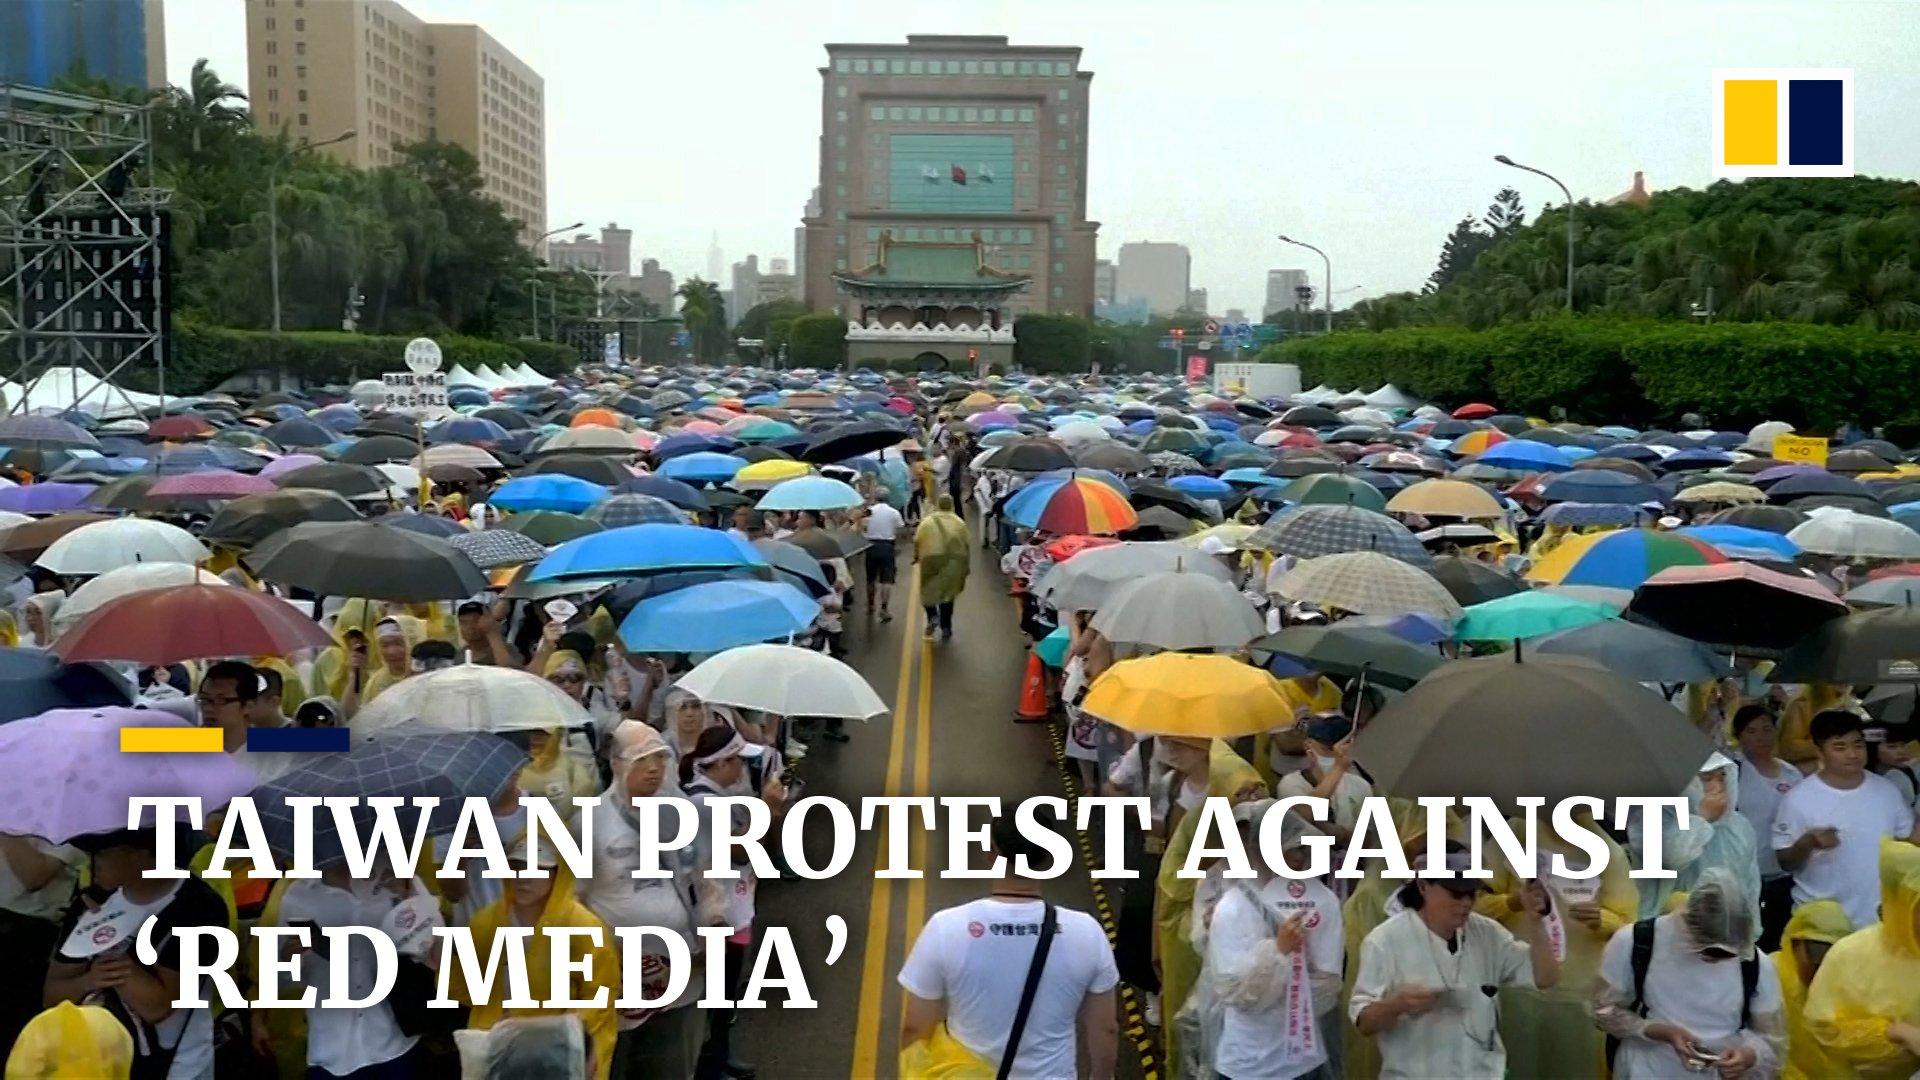 Taiwan President Tsai Ing-wen heads to US, warning of threat